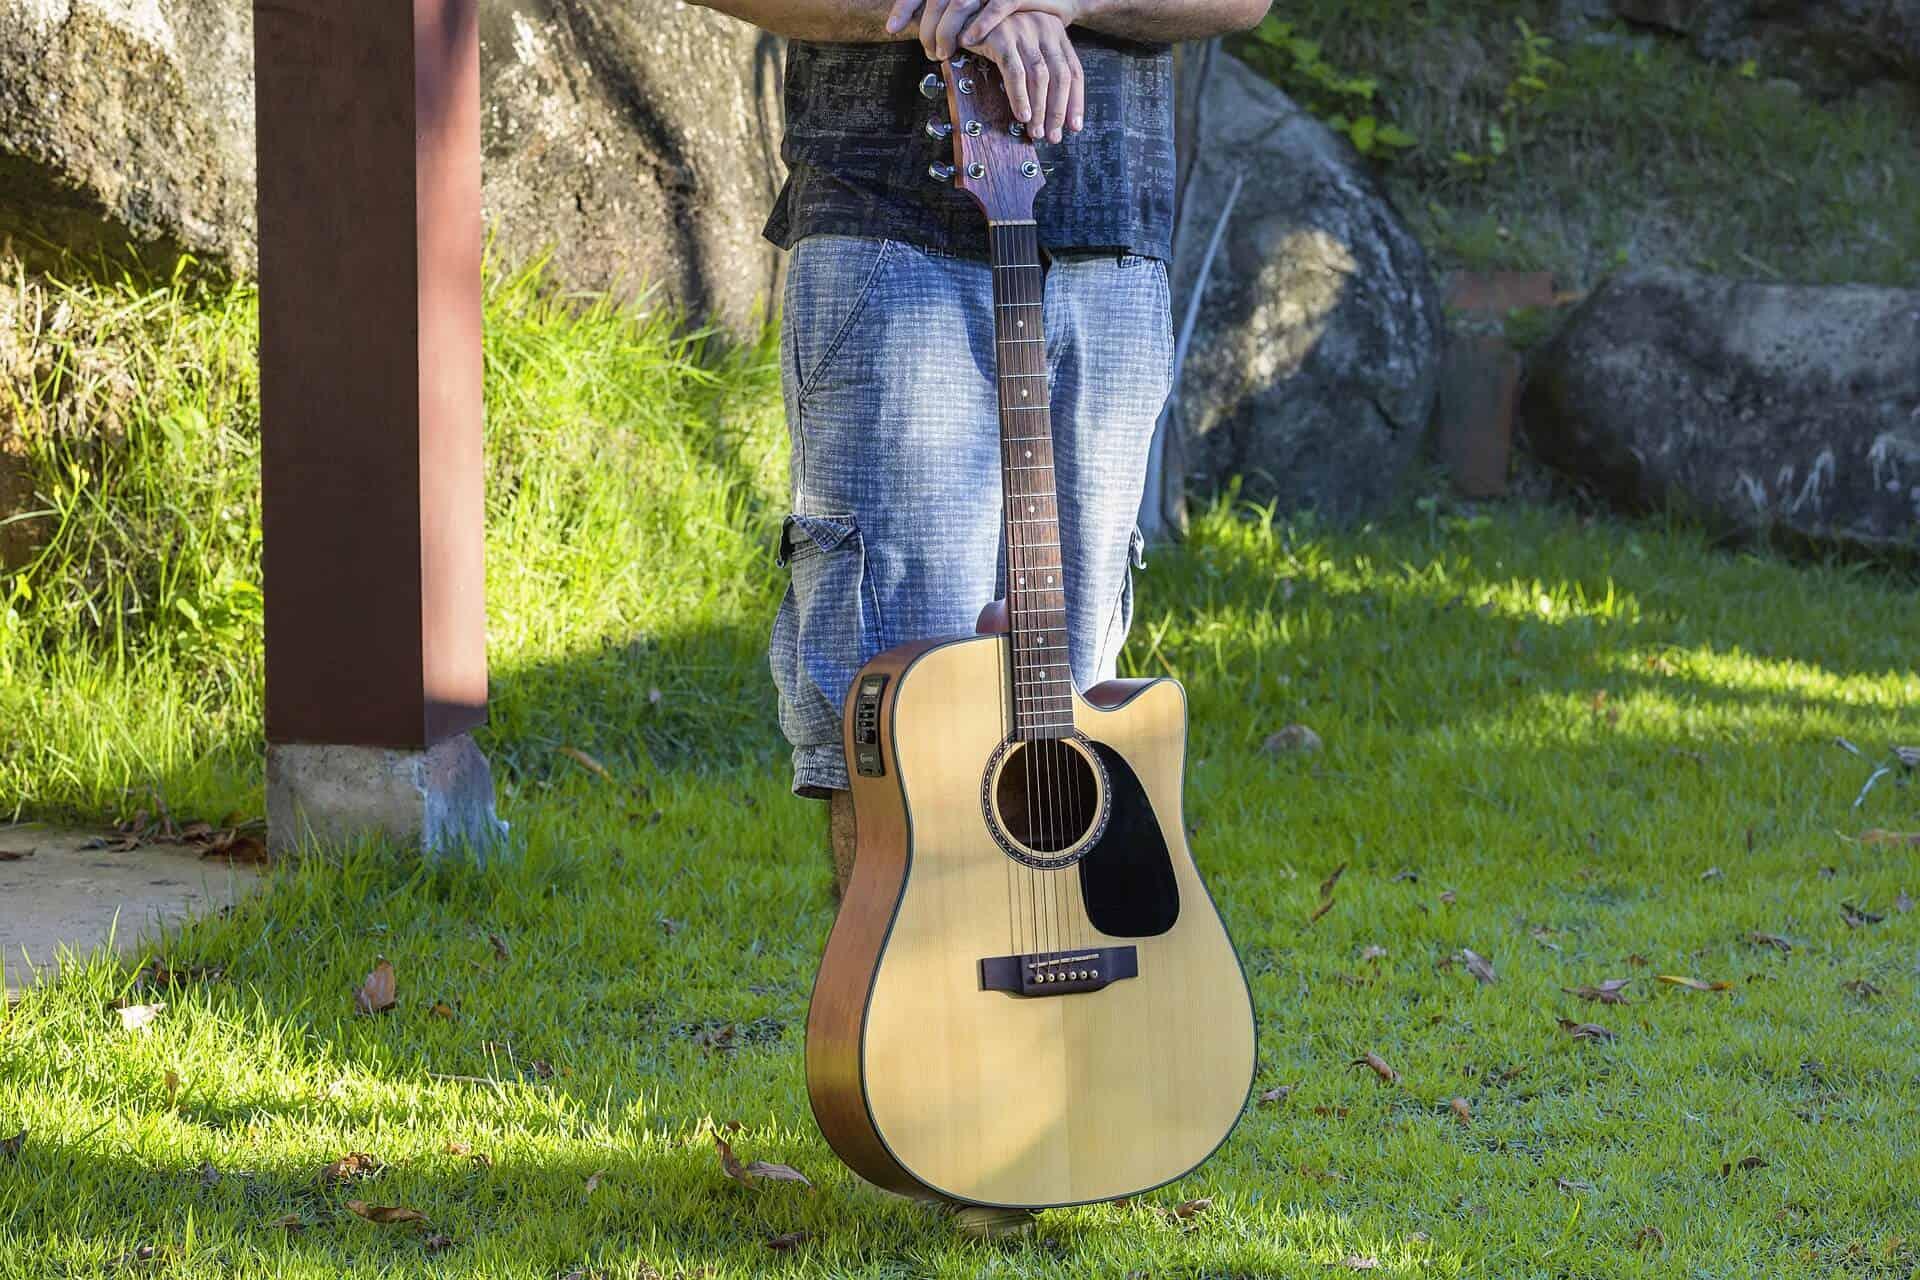 גיטרה אקוסטית ביחס נכון לגוף הנגן